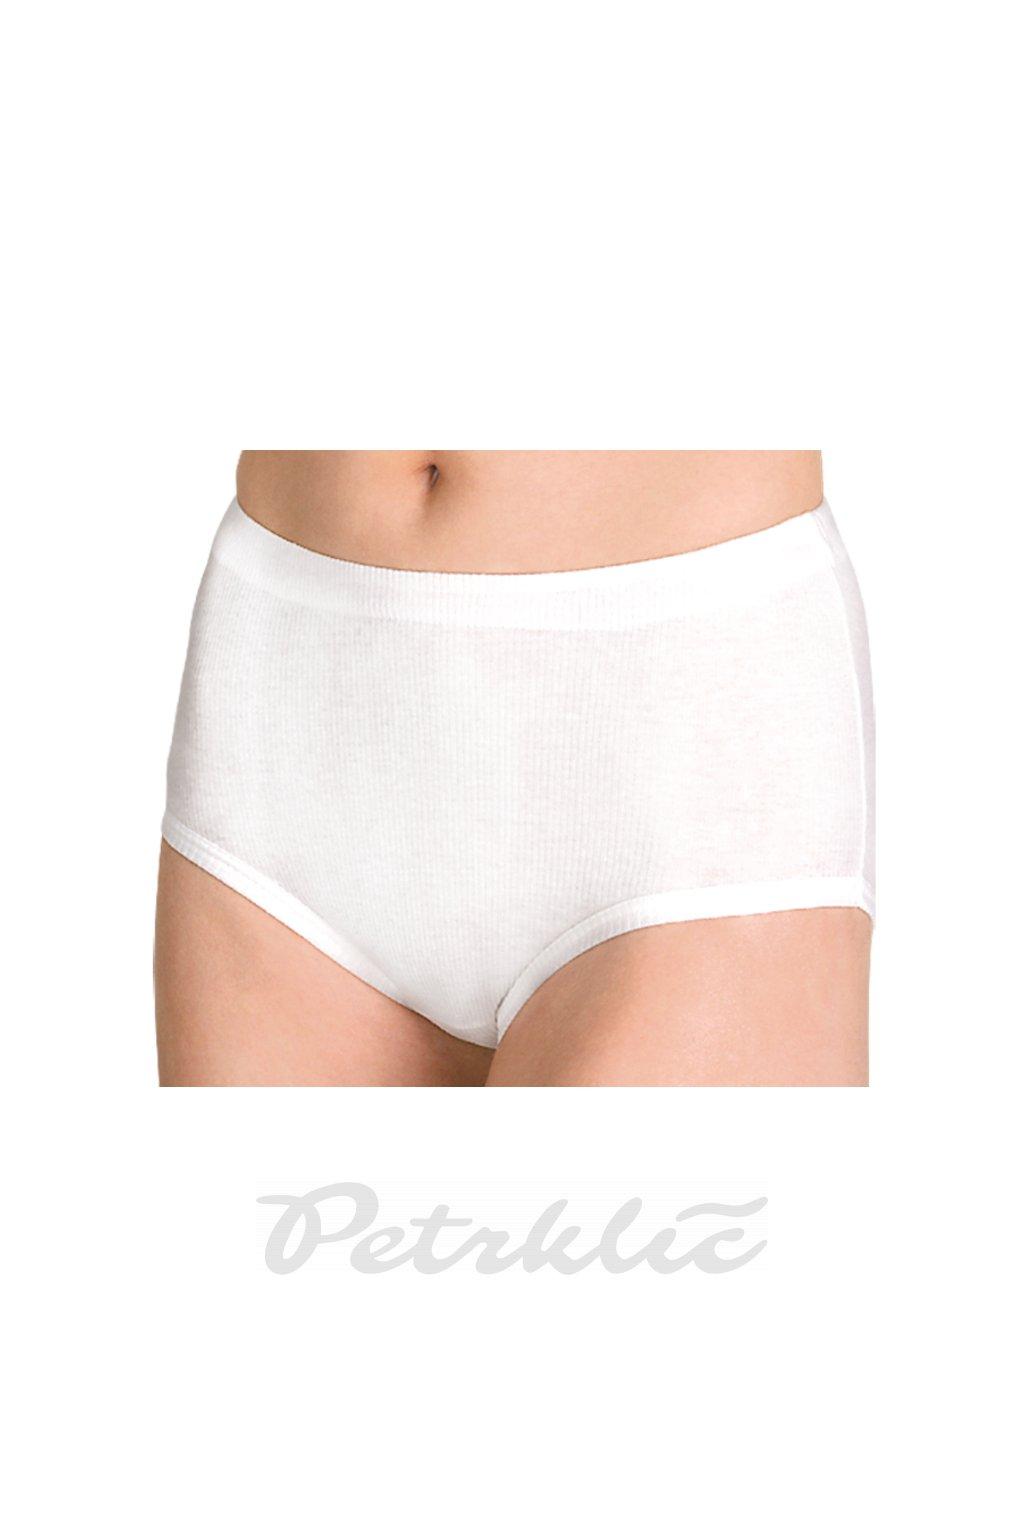 BIBKA - kalhotky